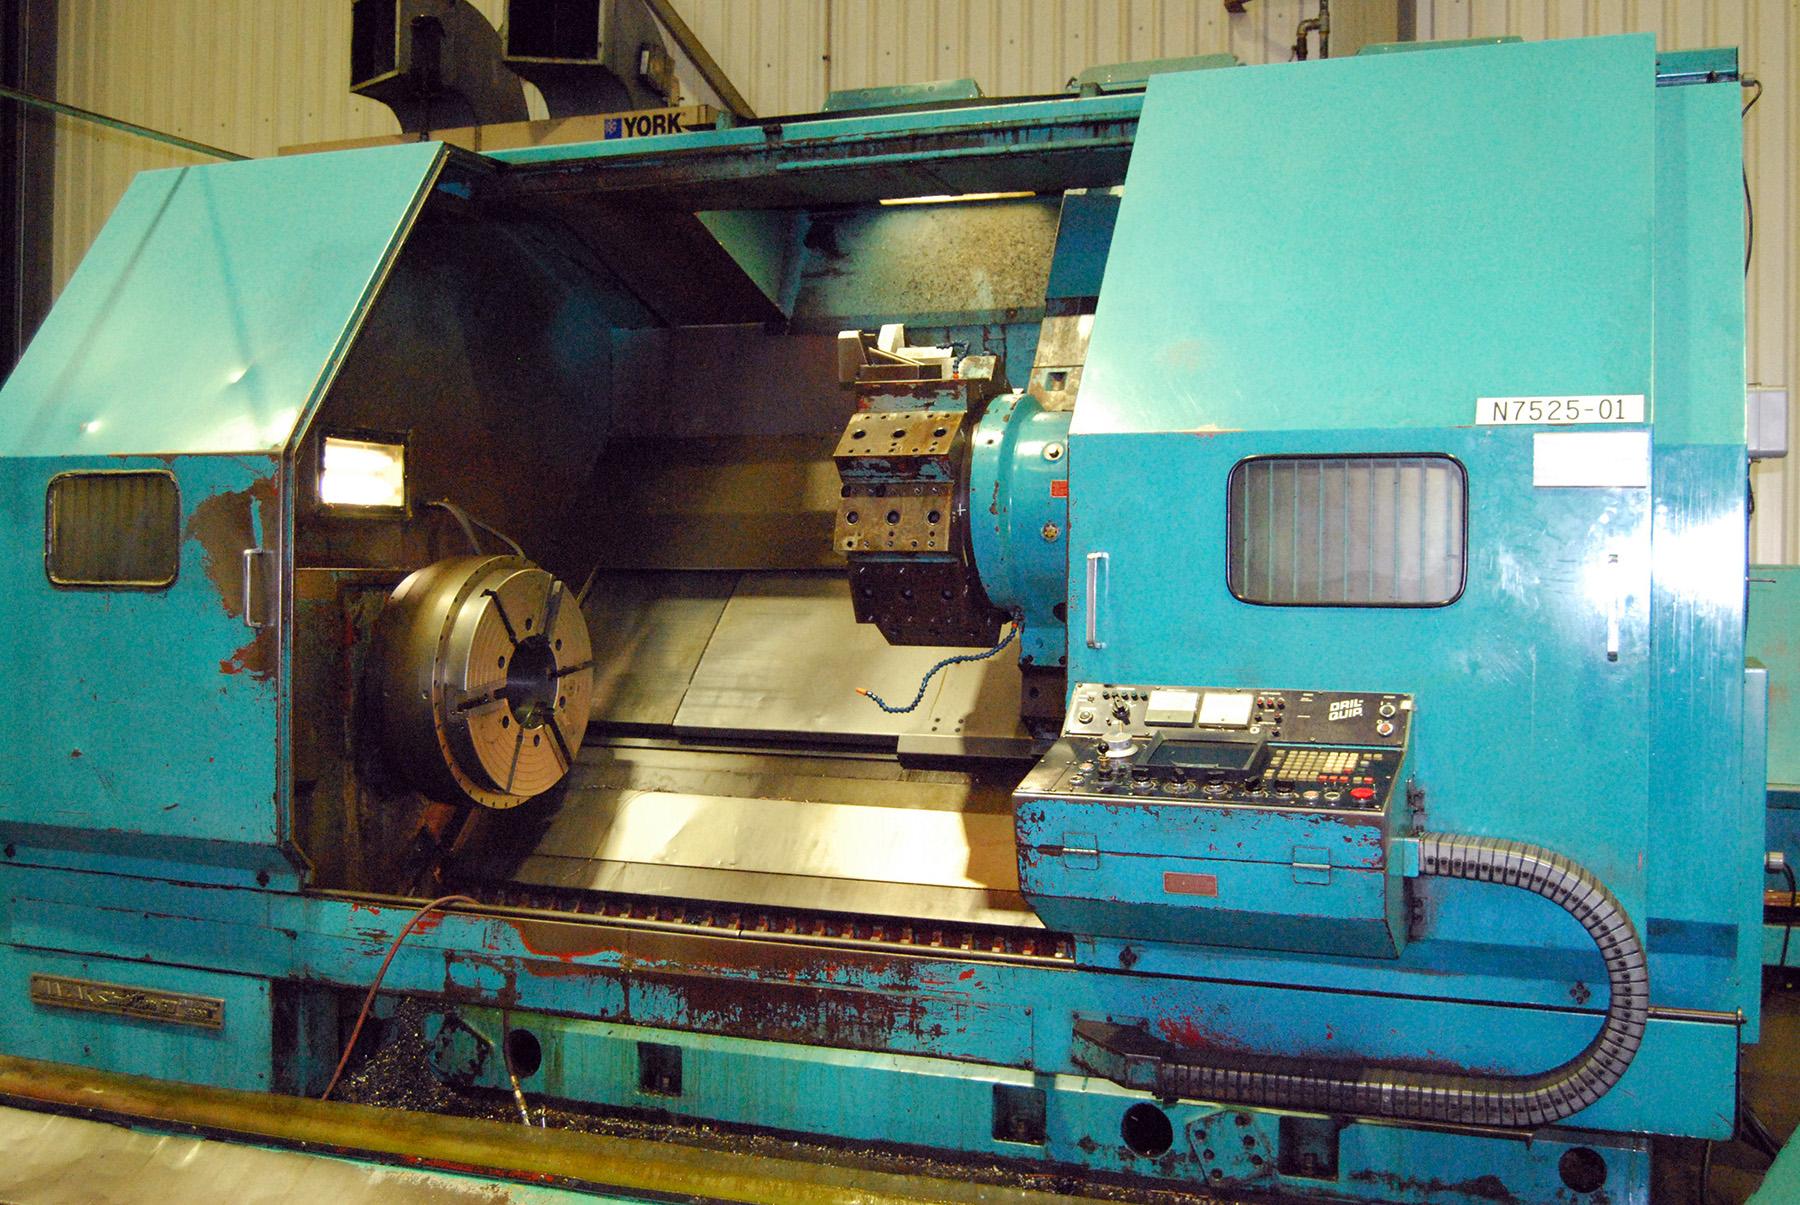 USED, MAZAK SLANT TURN 60 UNIVERSAL 2000 CNC CHUCKER LATHE